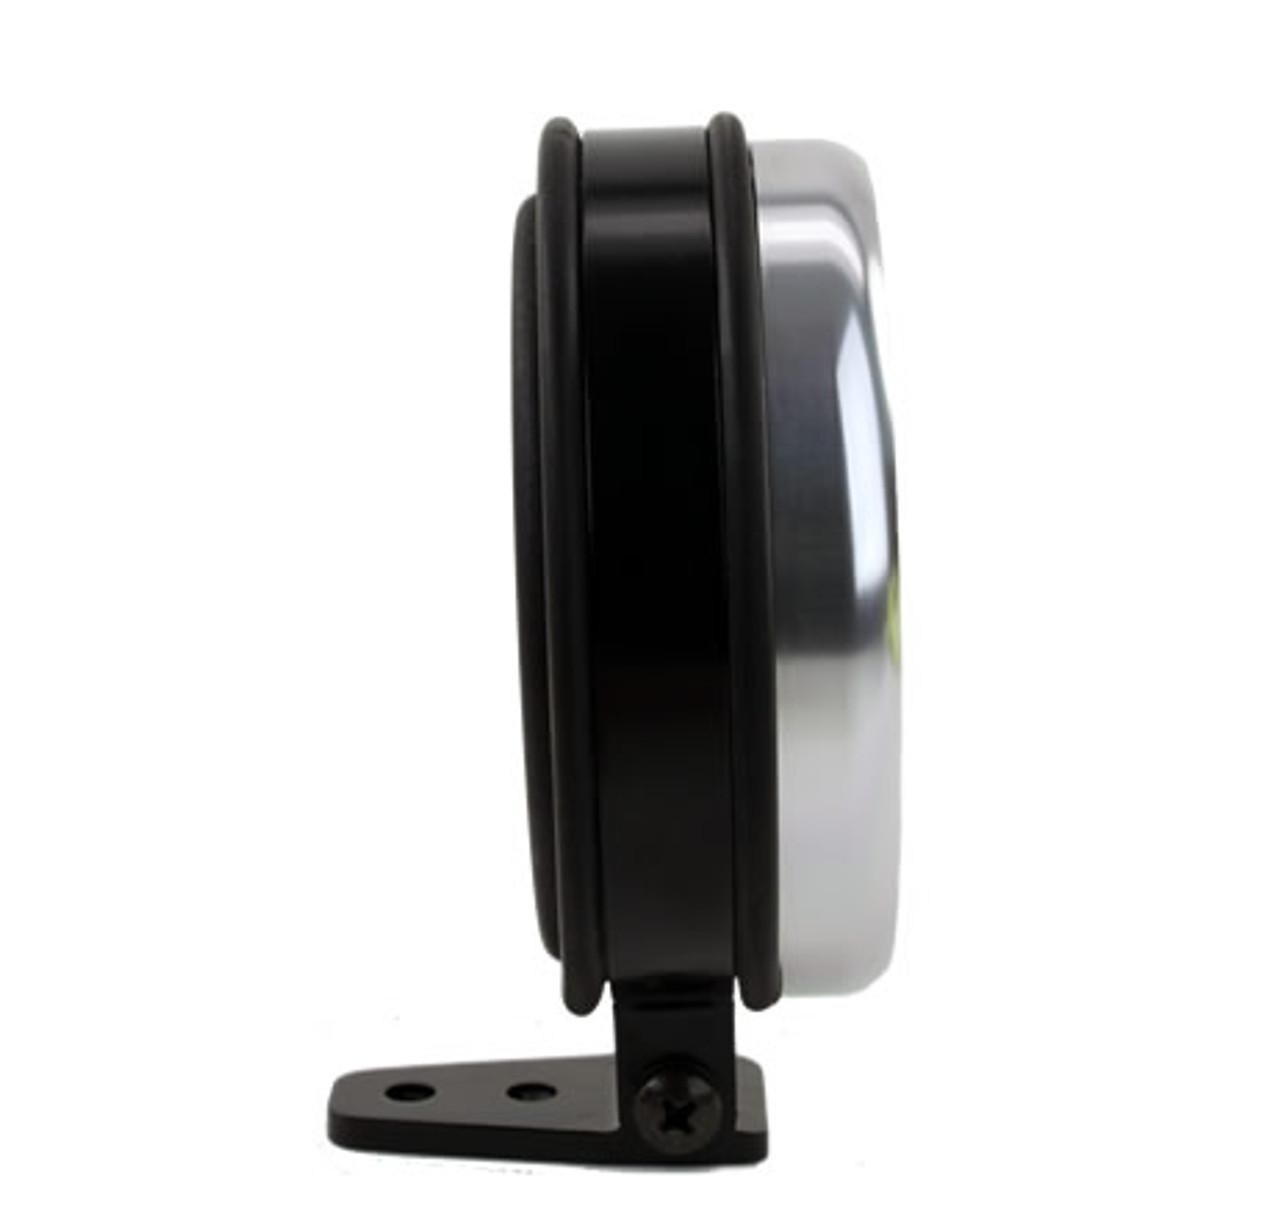 3-3/8 inch Gauge mounting bracket pedestal mount